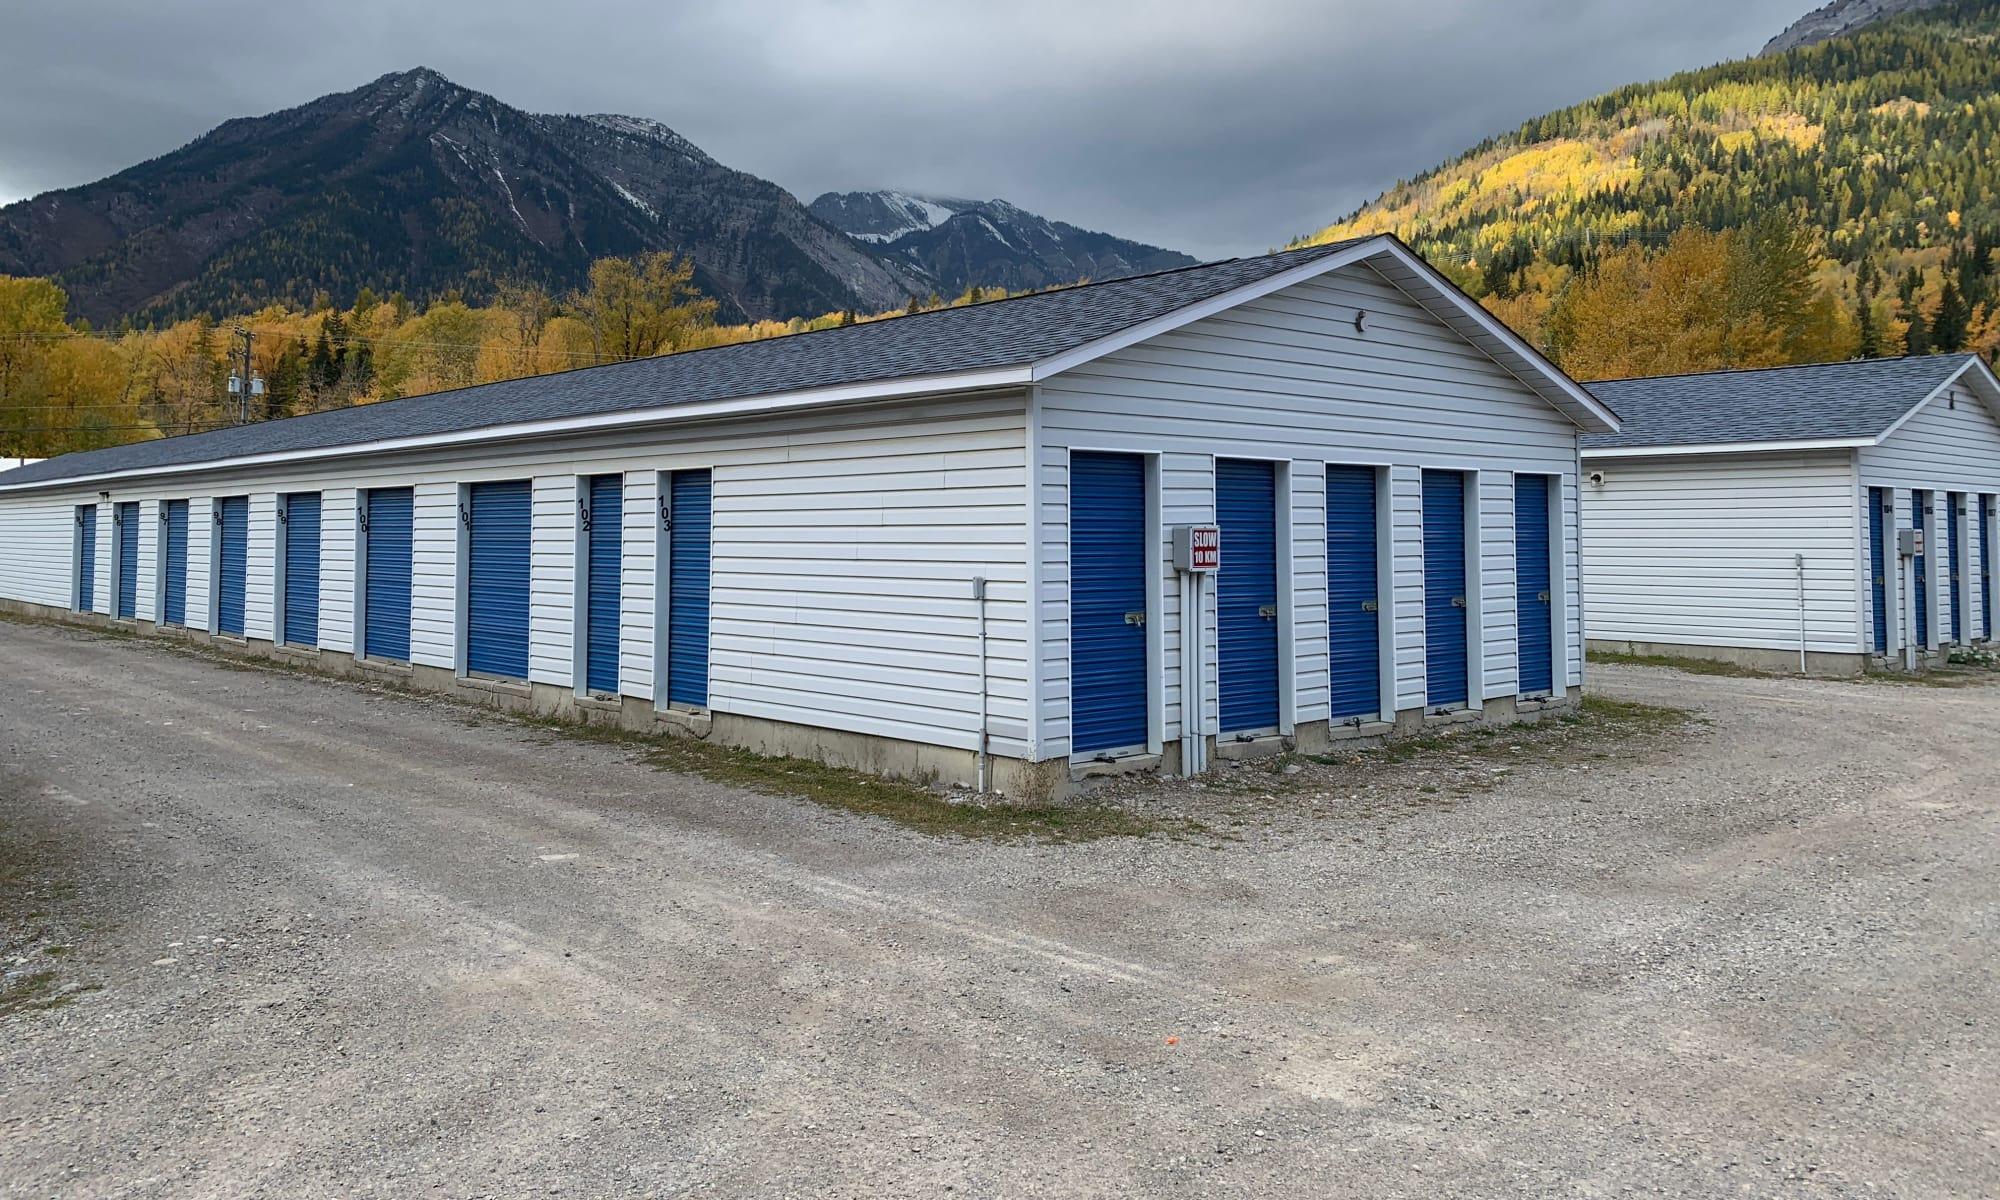 Self storage at CityBox Storage in Fernie, British Columbia